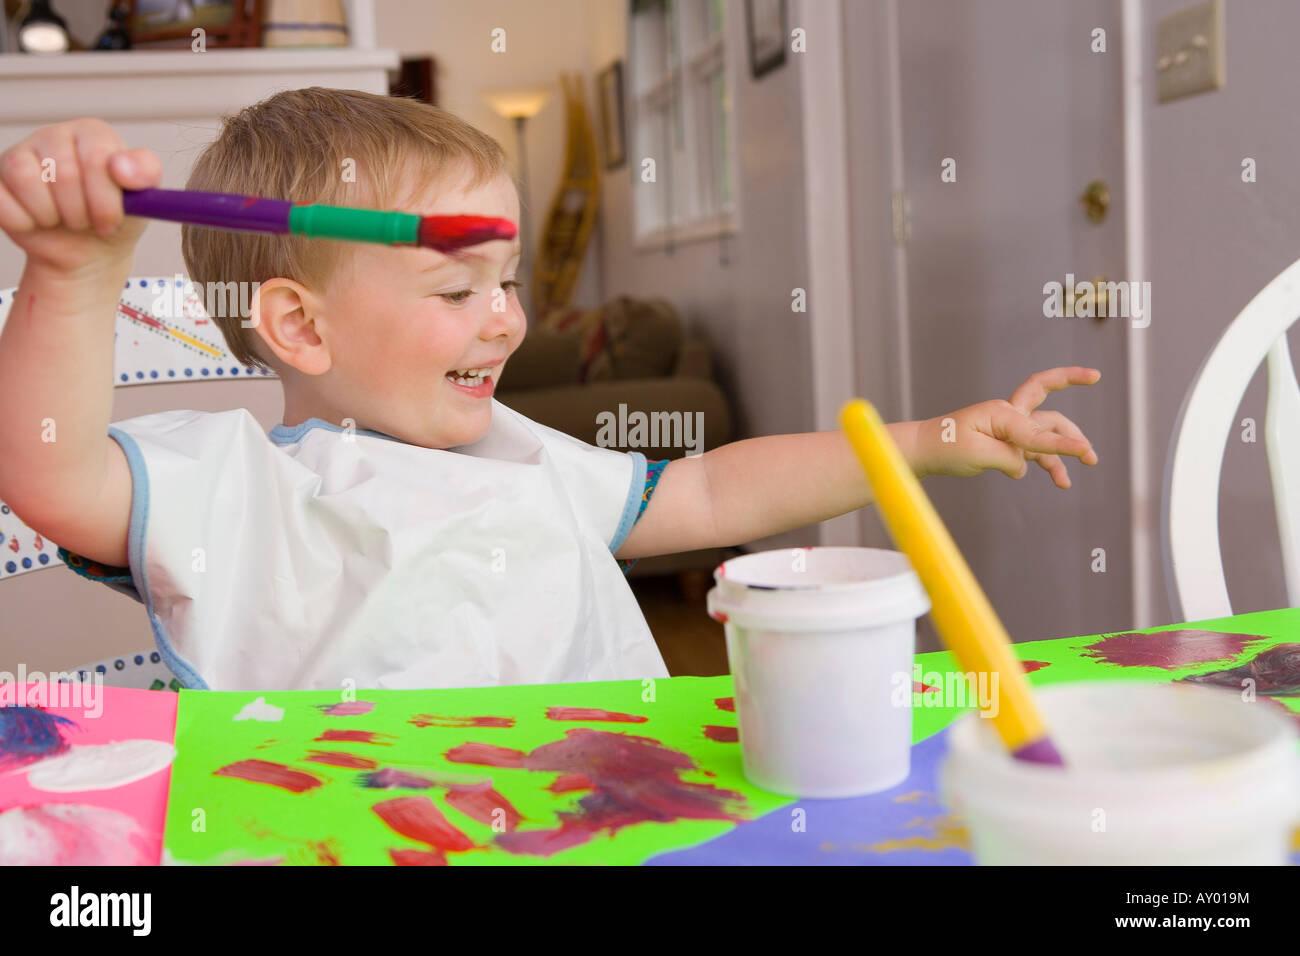 Zwei - jährigen Mädchen malen mit Farben Poster am Küchentisch ...